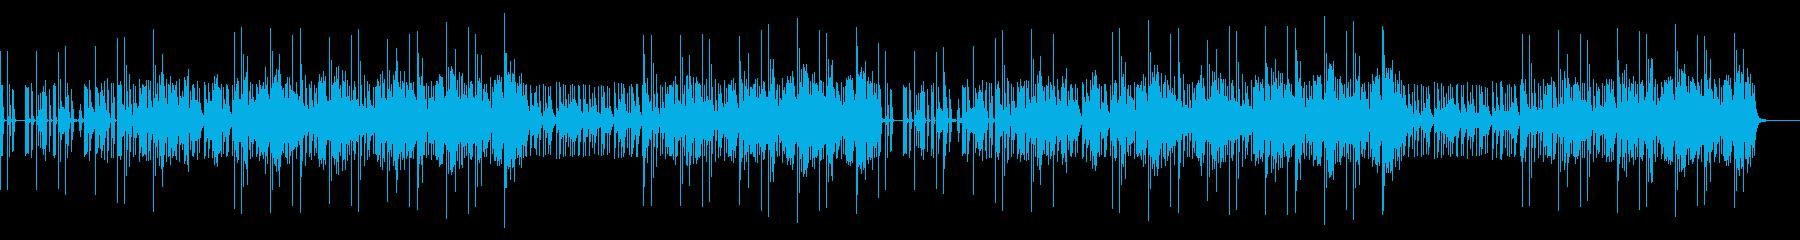 戦闘シーン音楽の再生済みの波形